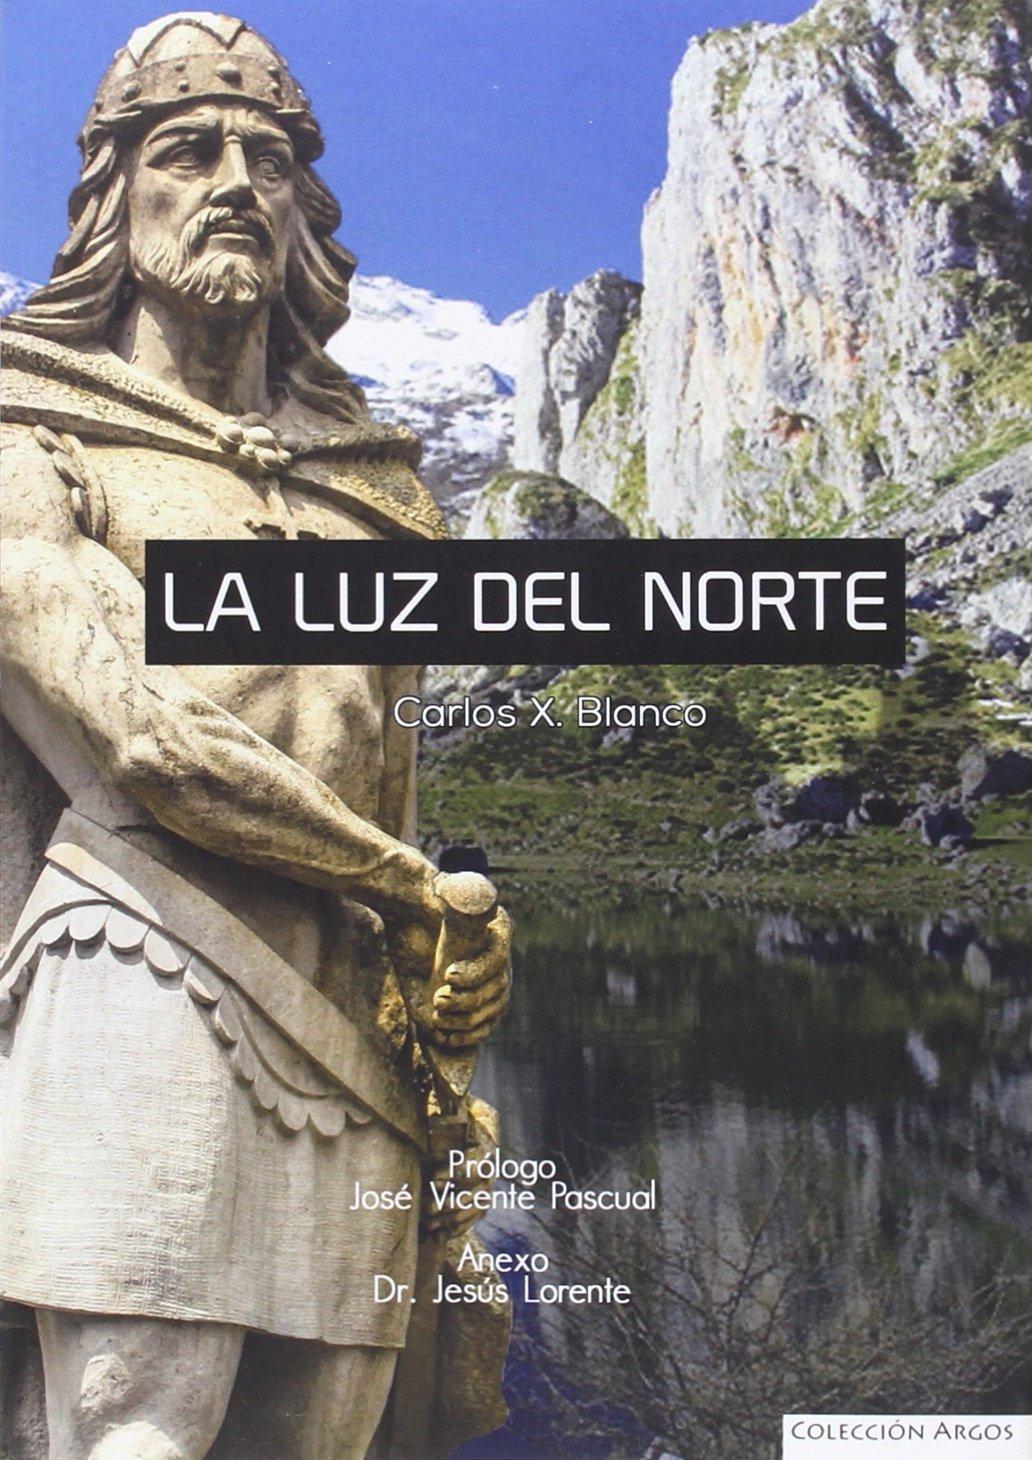 La luz del norte Book Cover